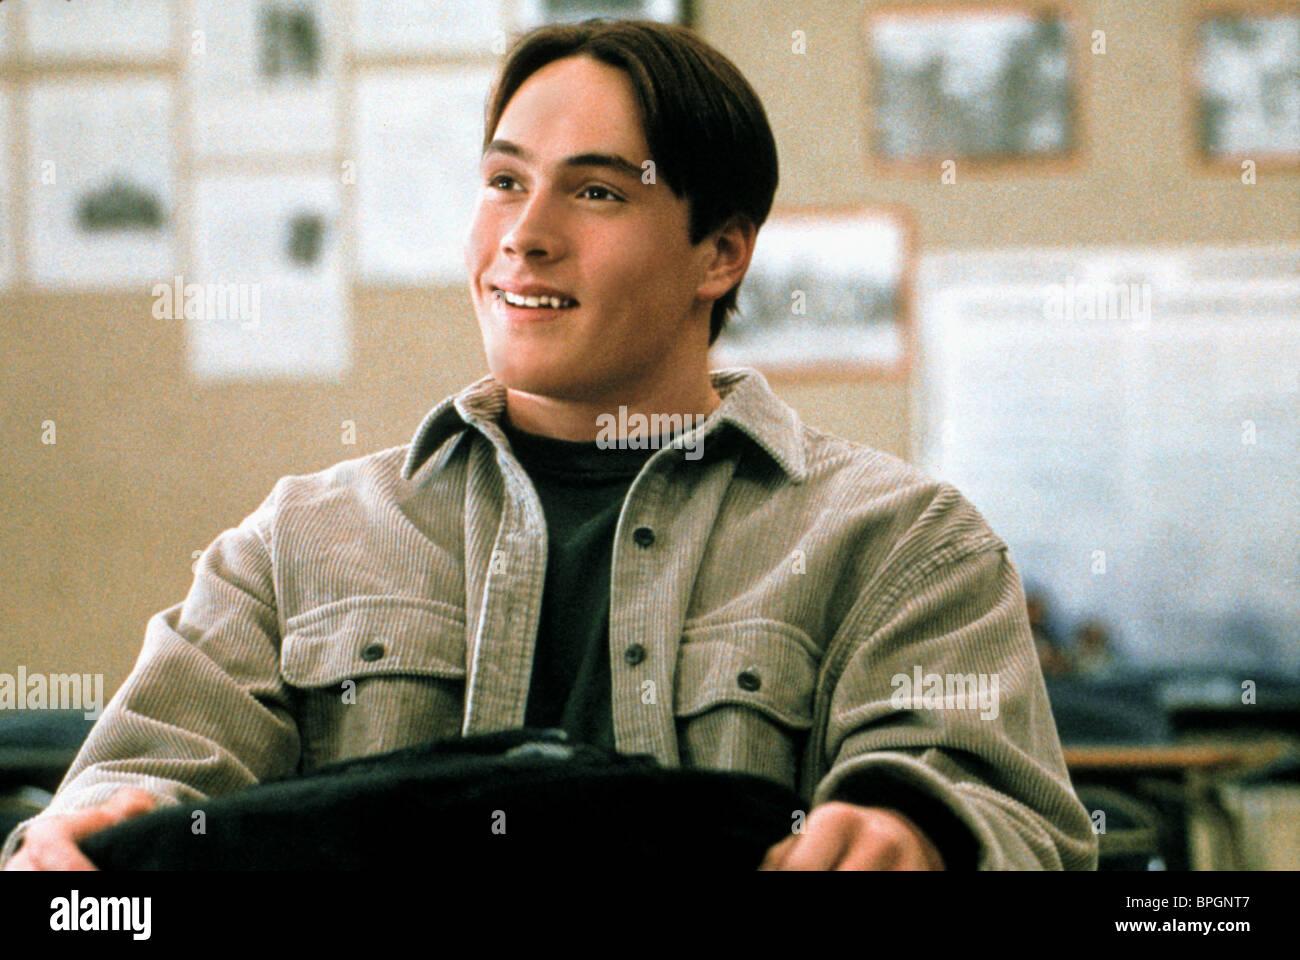 CHRIS KLEIN ELECTION (1999) - Stock Image